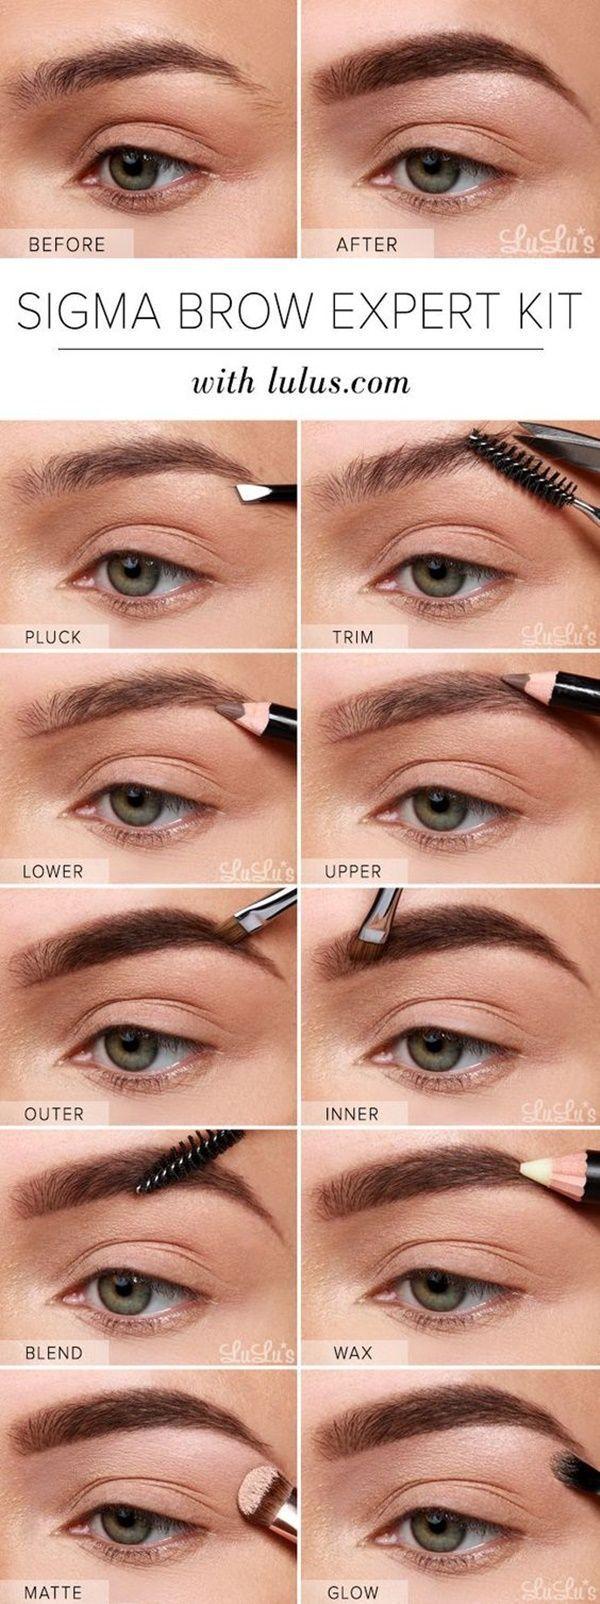 Augenbrauen gekonnt in Form gebracht. #Augenbrauen #Anleitung #Styling #naturaleyebrows